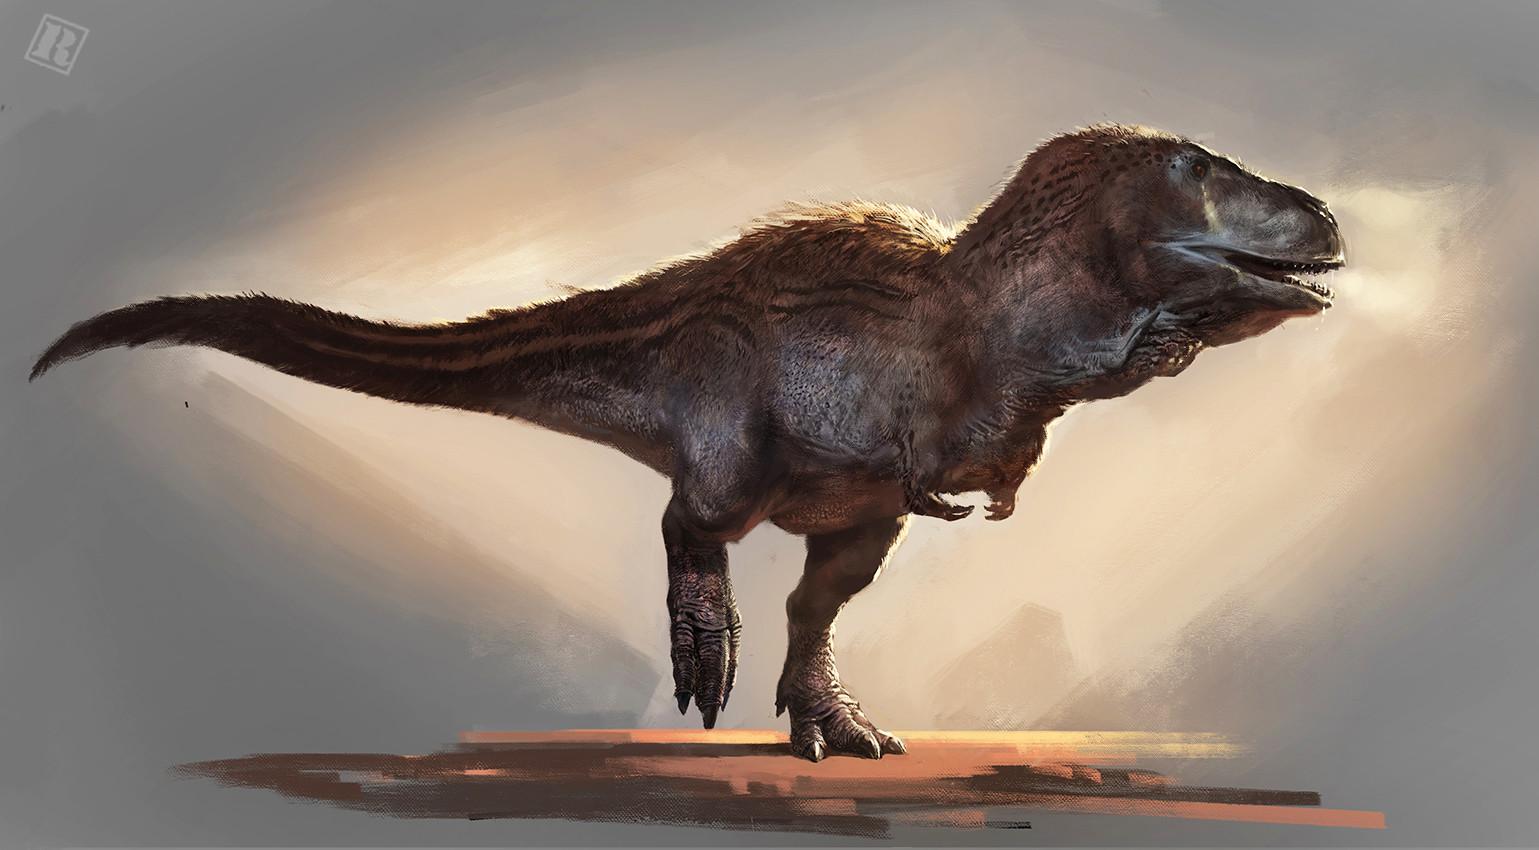 Raph lomotan raph04art tyrannosaurusbataar